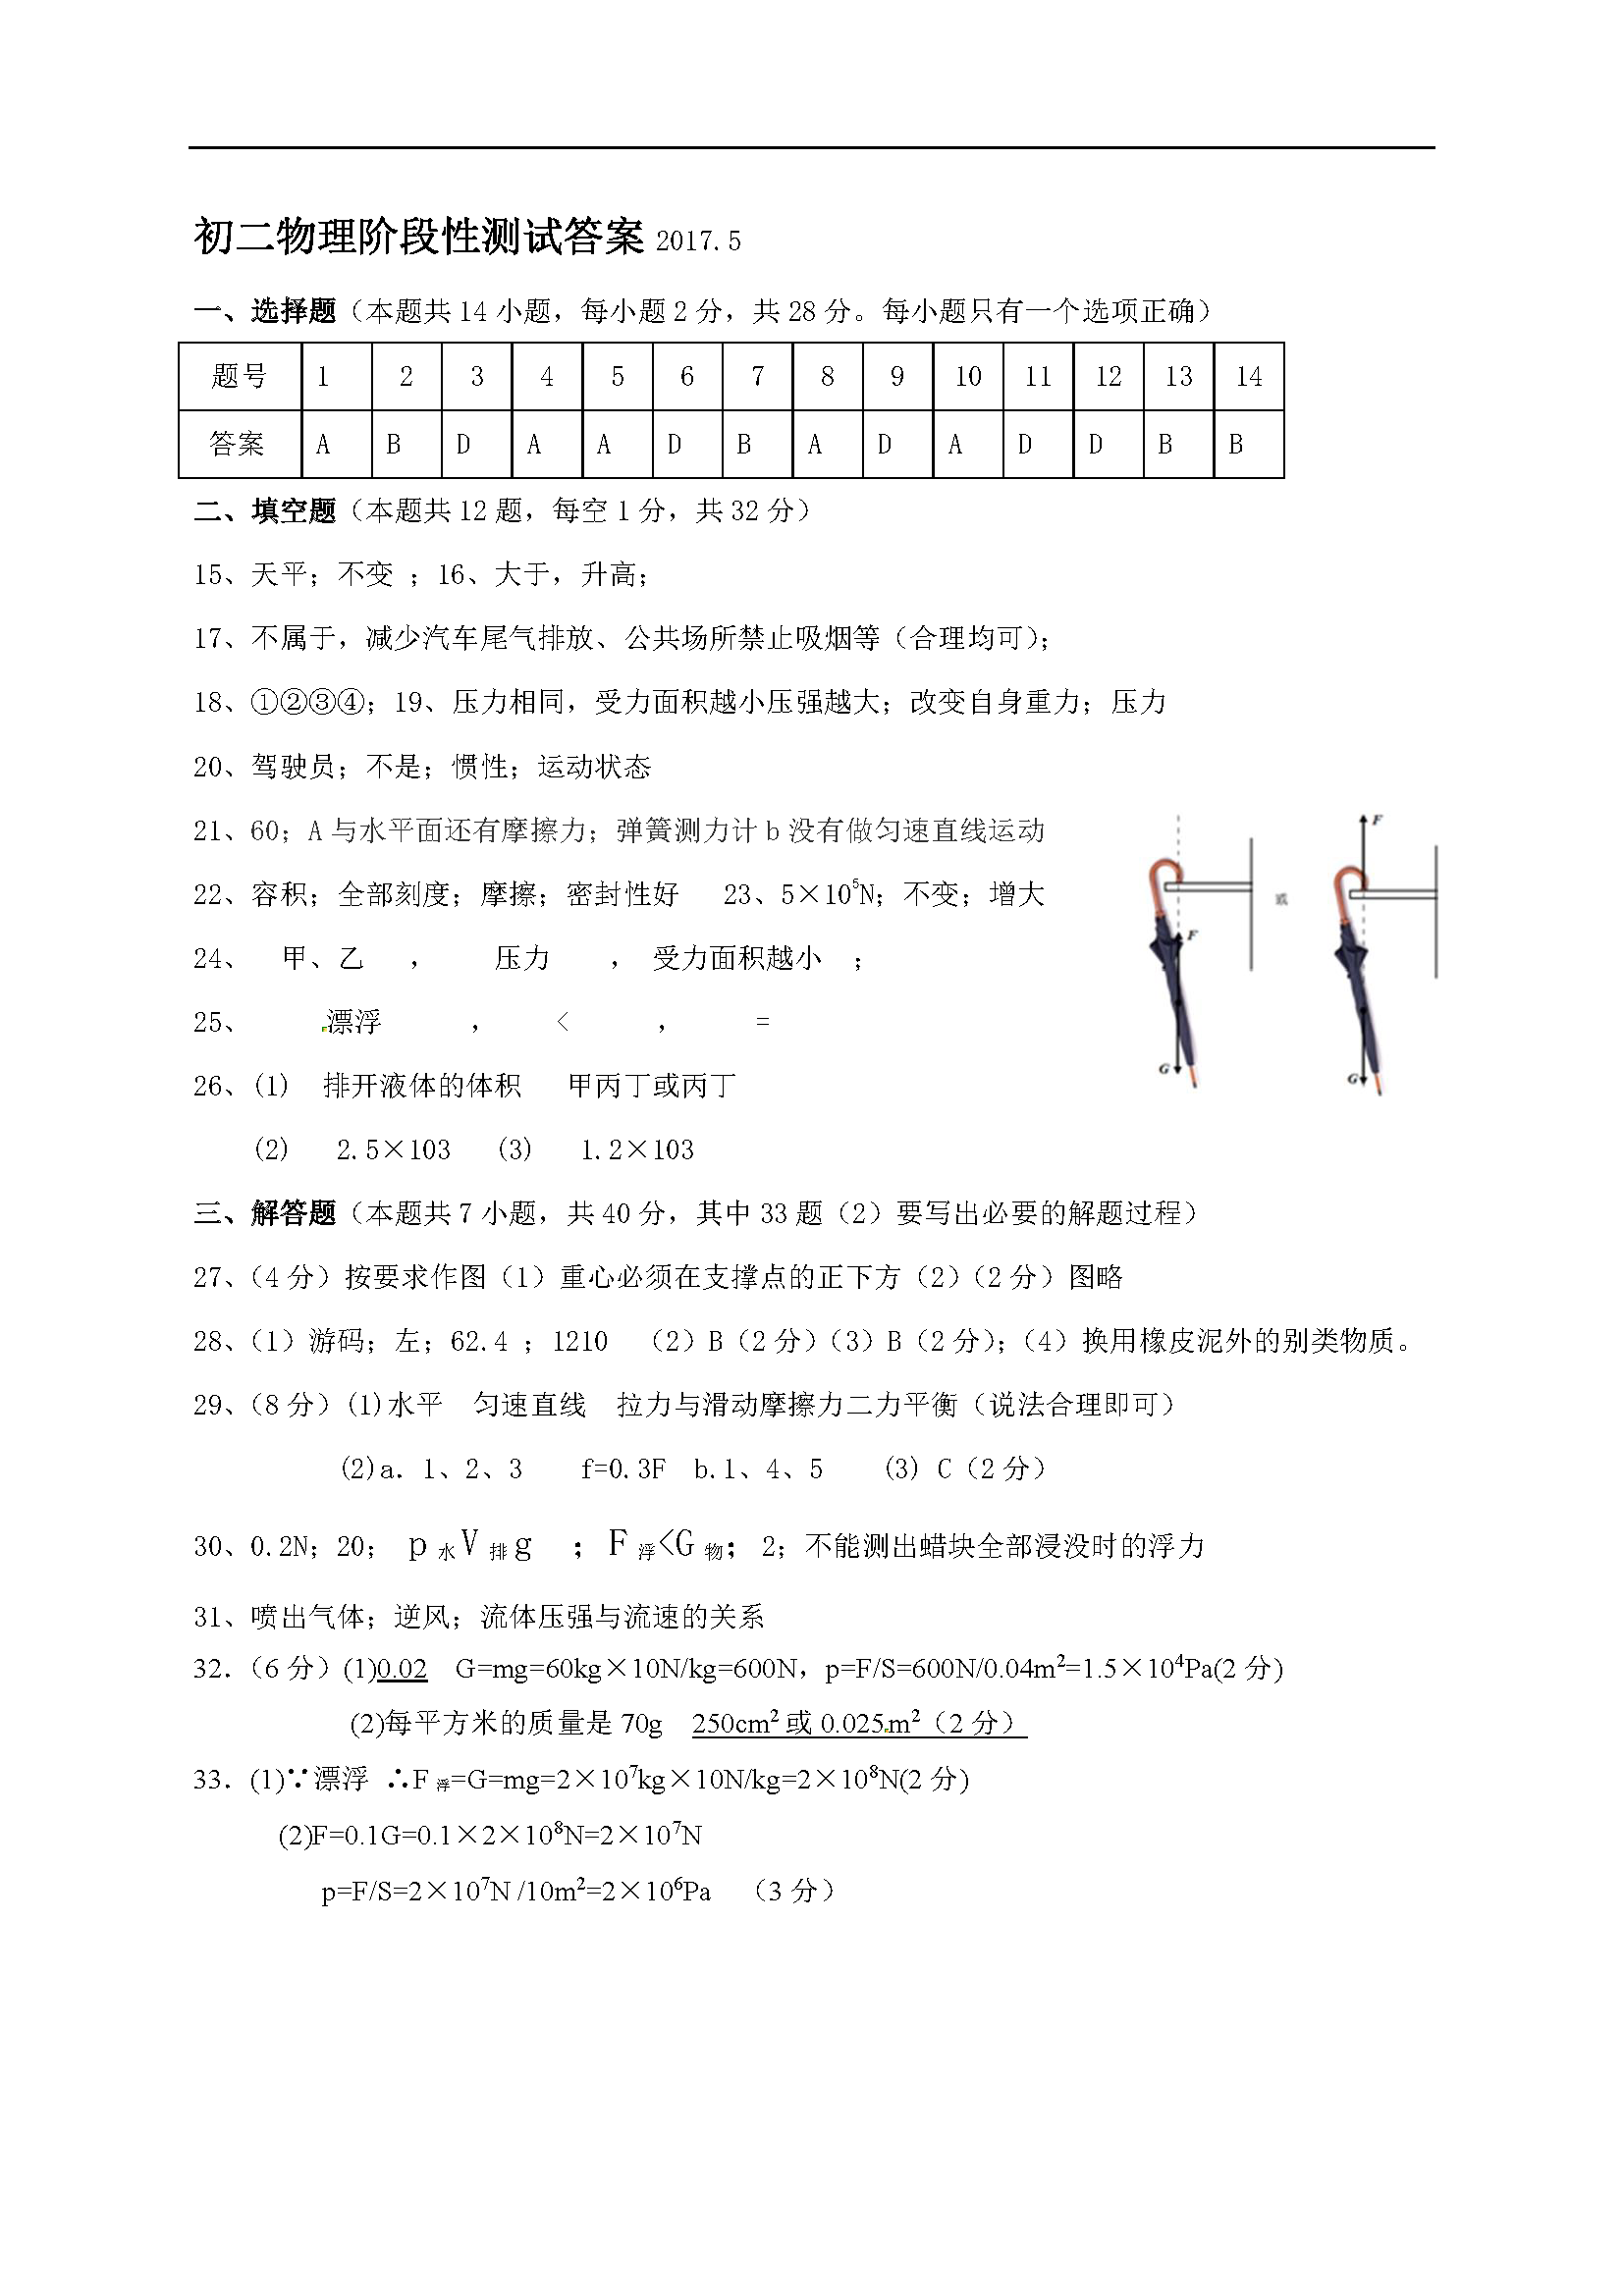 2017江苏无锡江阴周庄中学八年级5月月考物理试题答案(Word版)